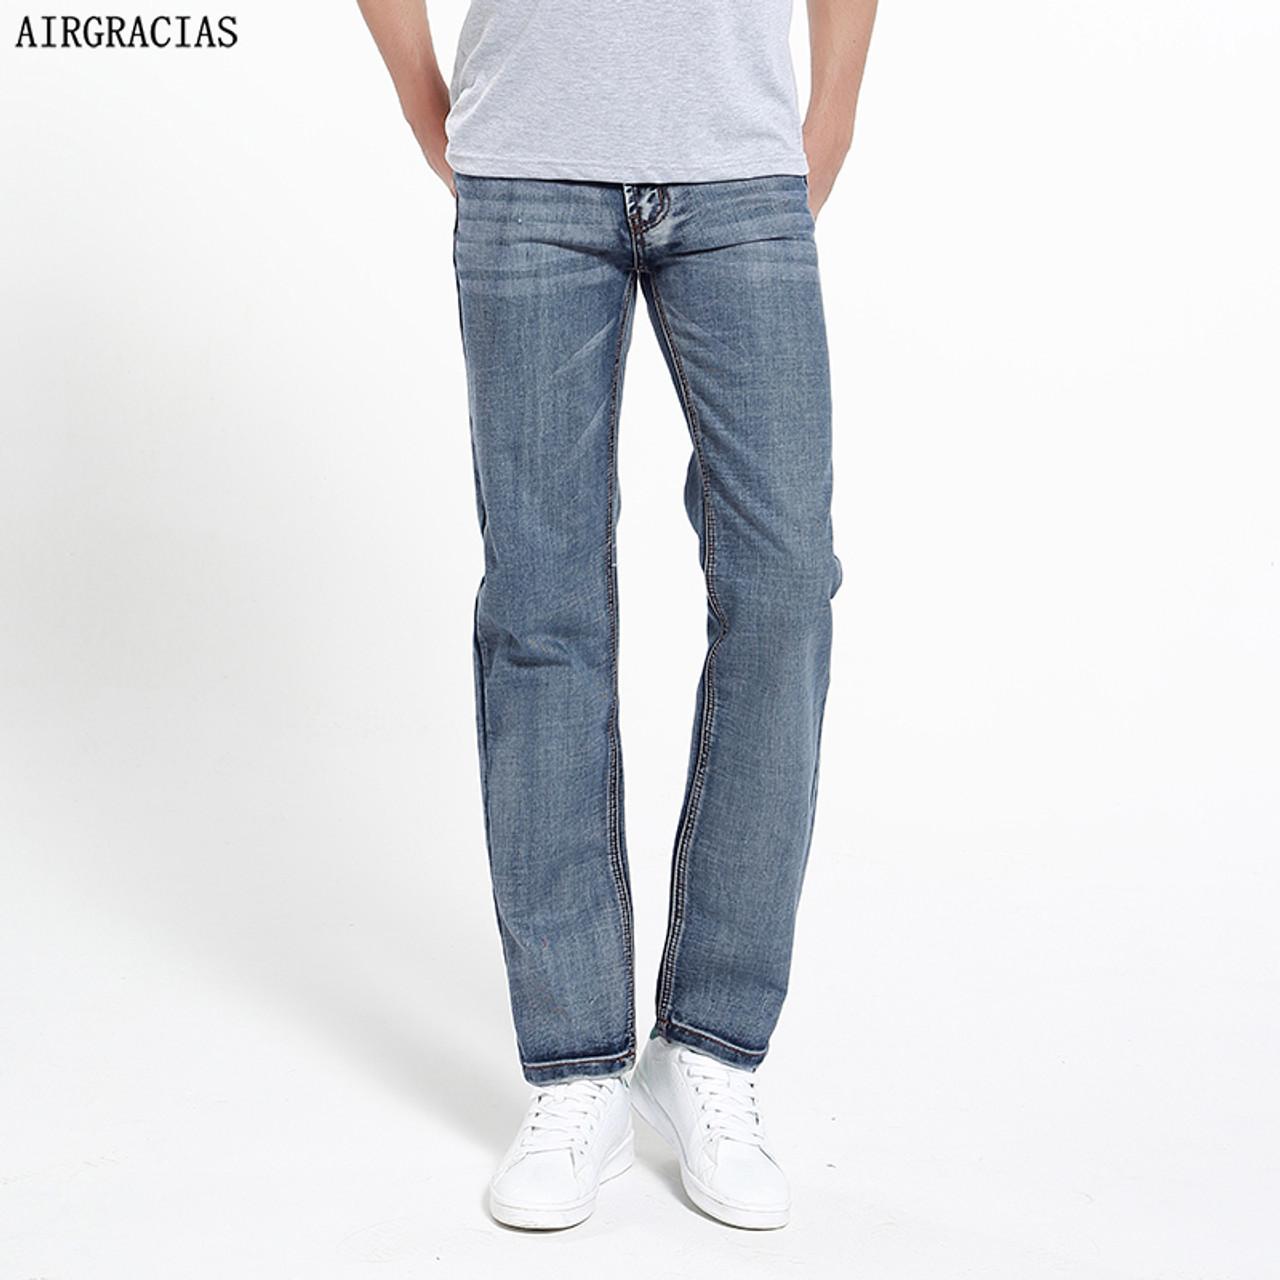 50ed776a9bd AIRGRACIAS Brand Jeans Retro Nostalgia Straight Denim Jeans Men Plus Size 28-38  Men Long Pants Trousers Classic Biker Jean - OnshopDeals.Com